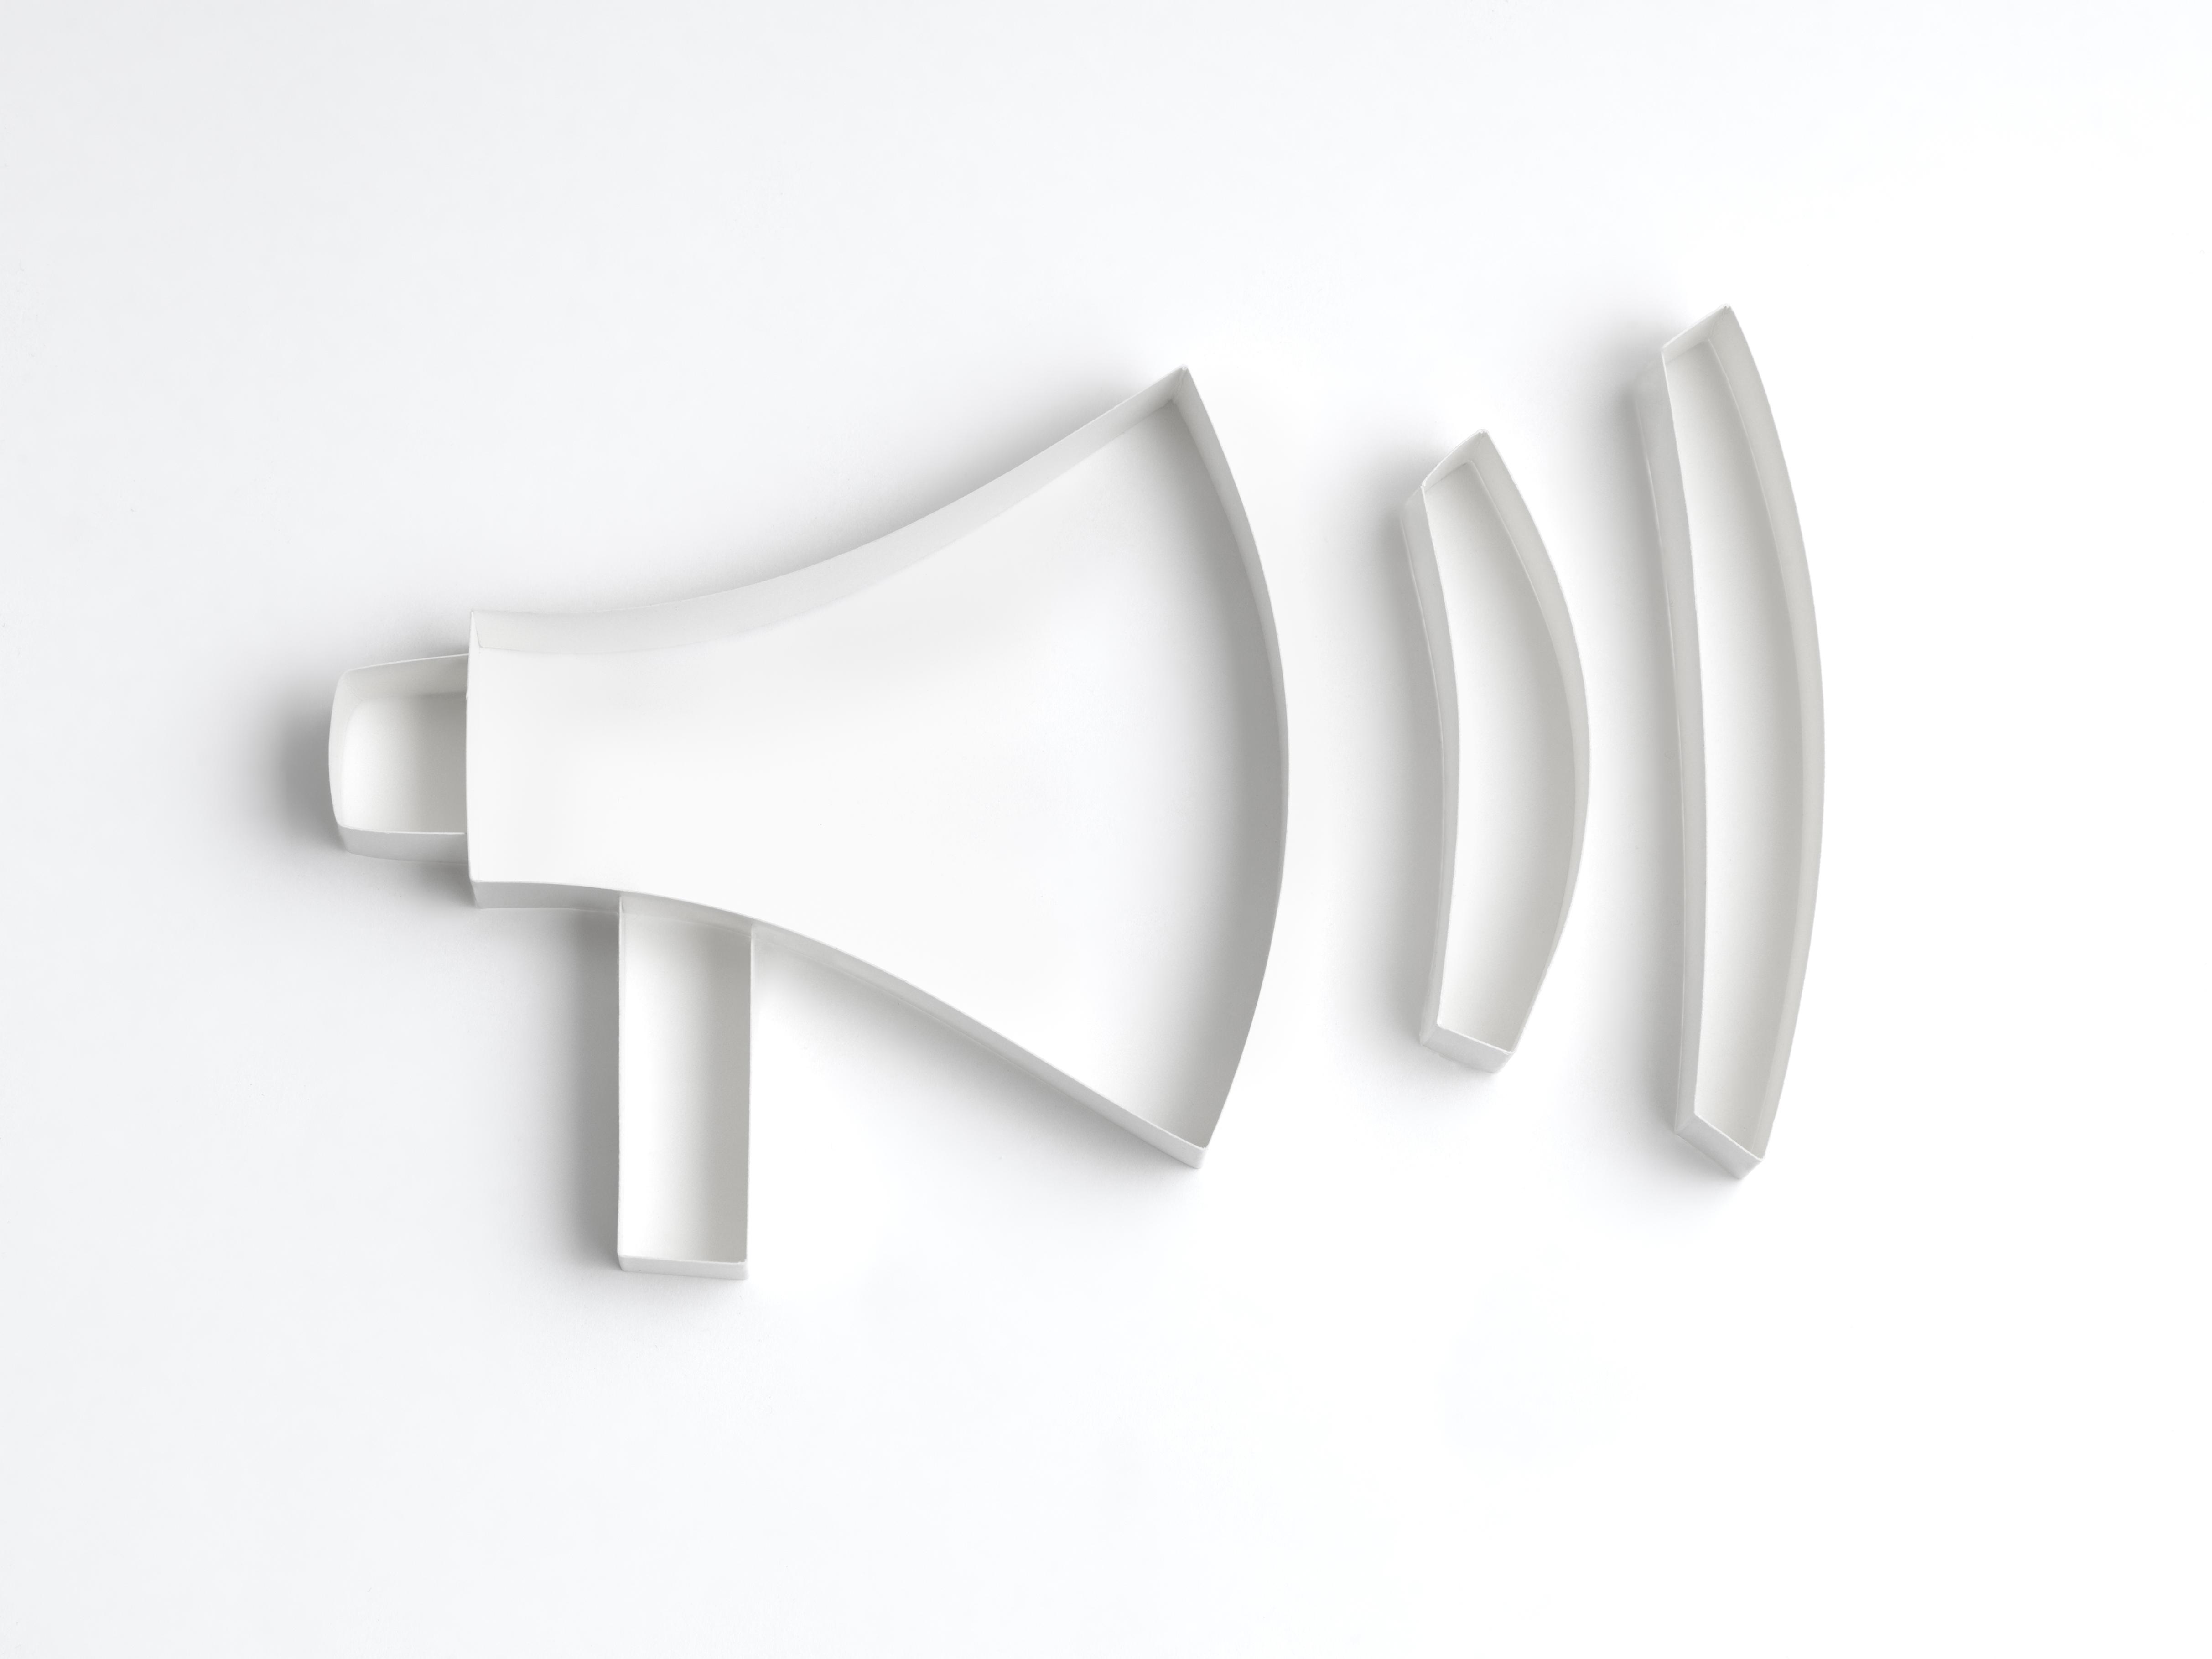 Origami megaphone